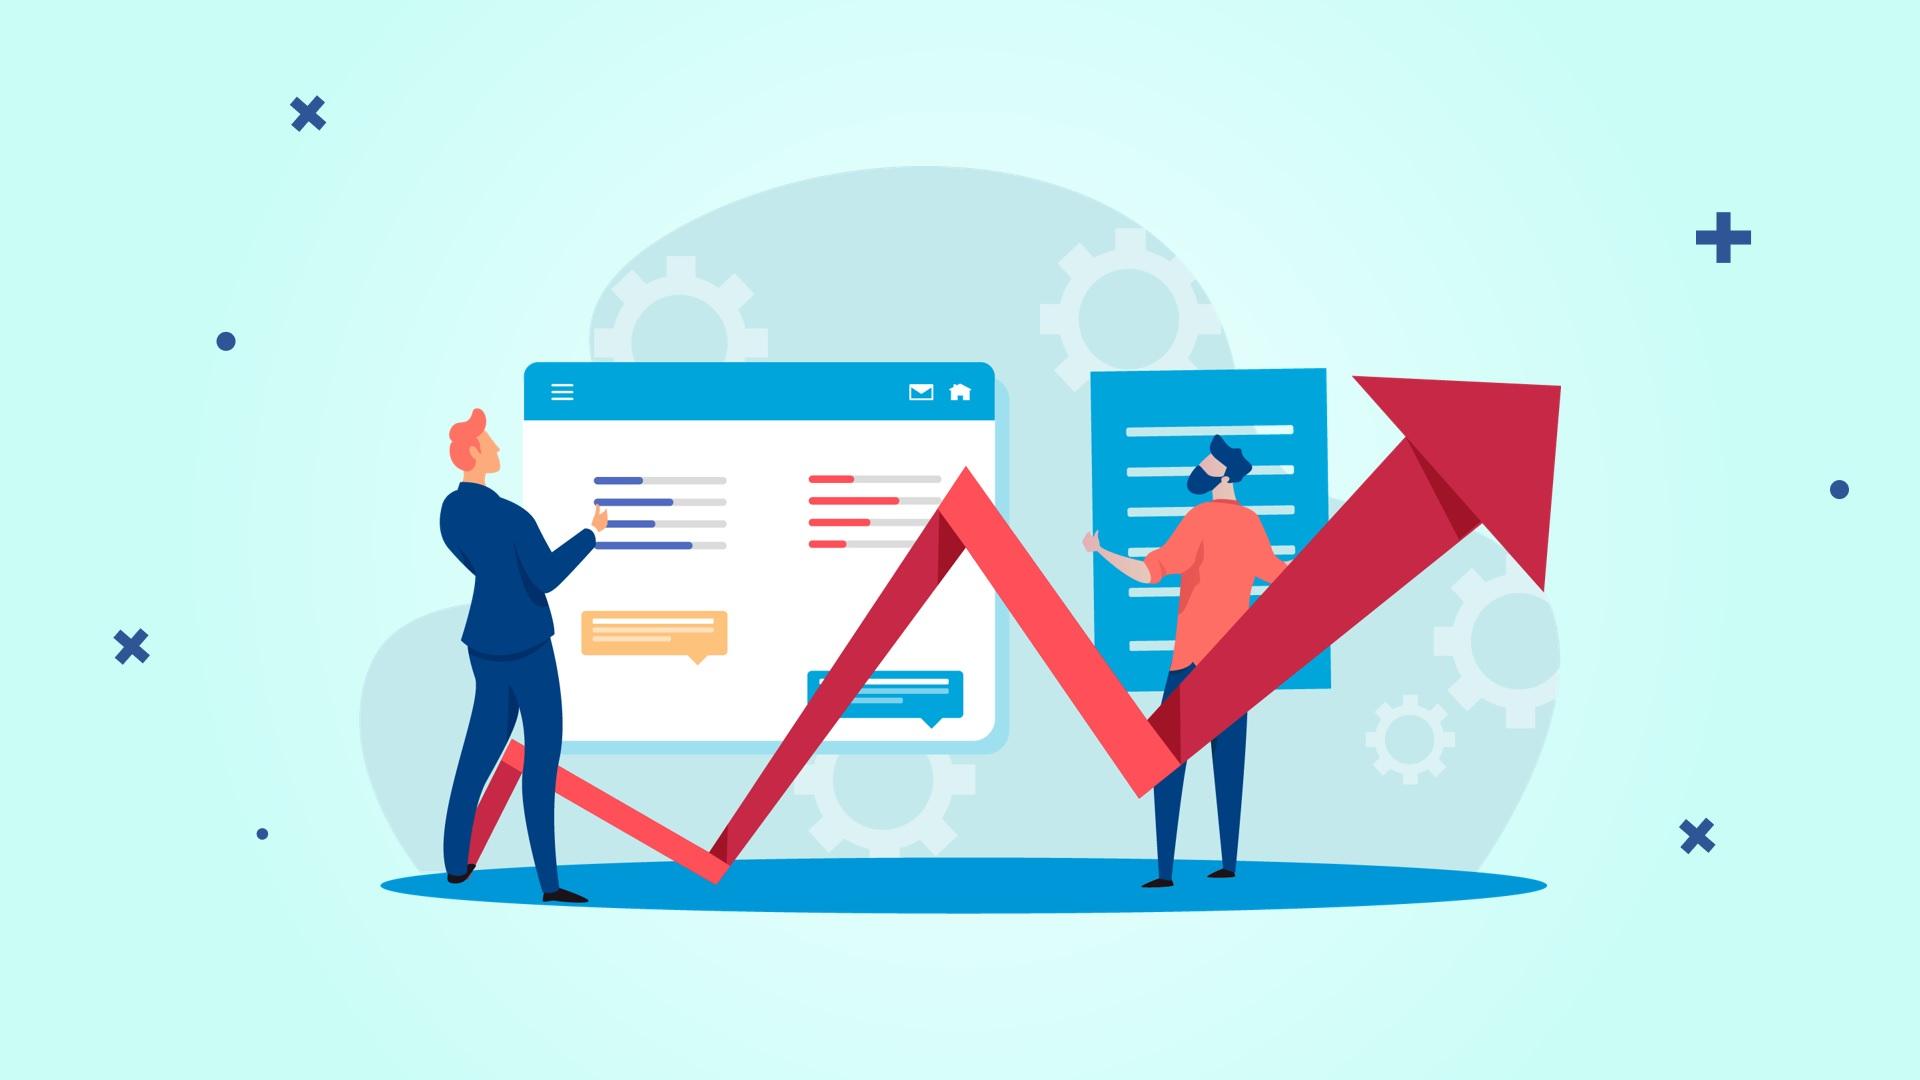 روش فعالسازی و اعمال اوراق اختیار فروش تبعی چگونه است؟